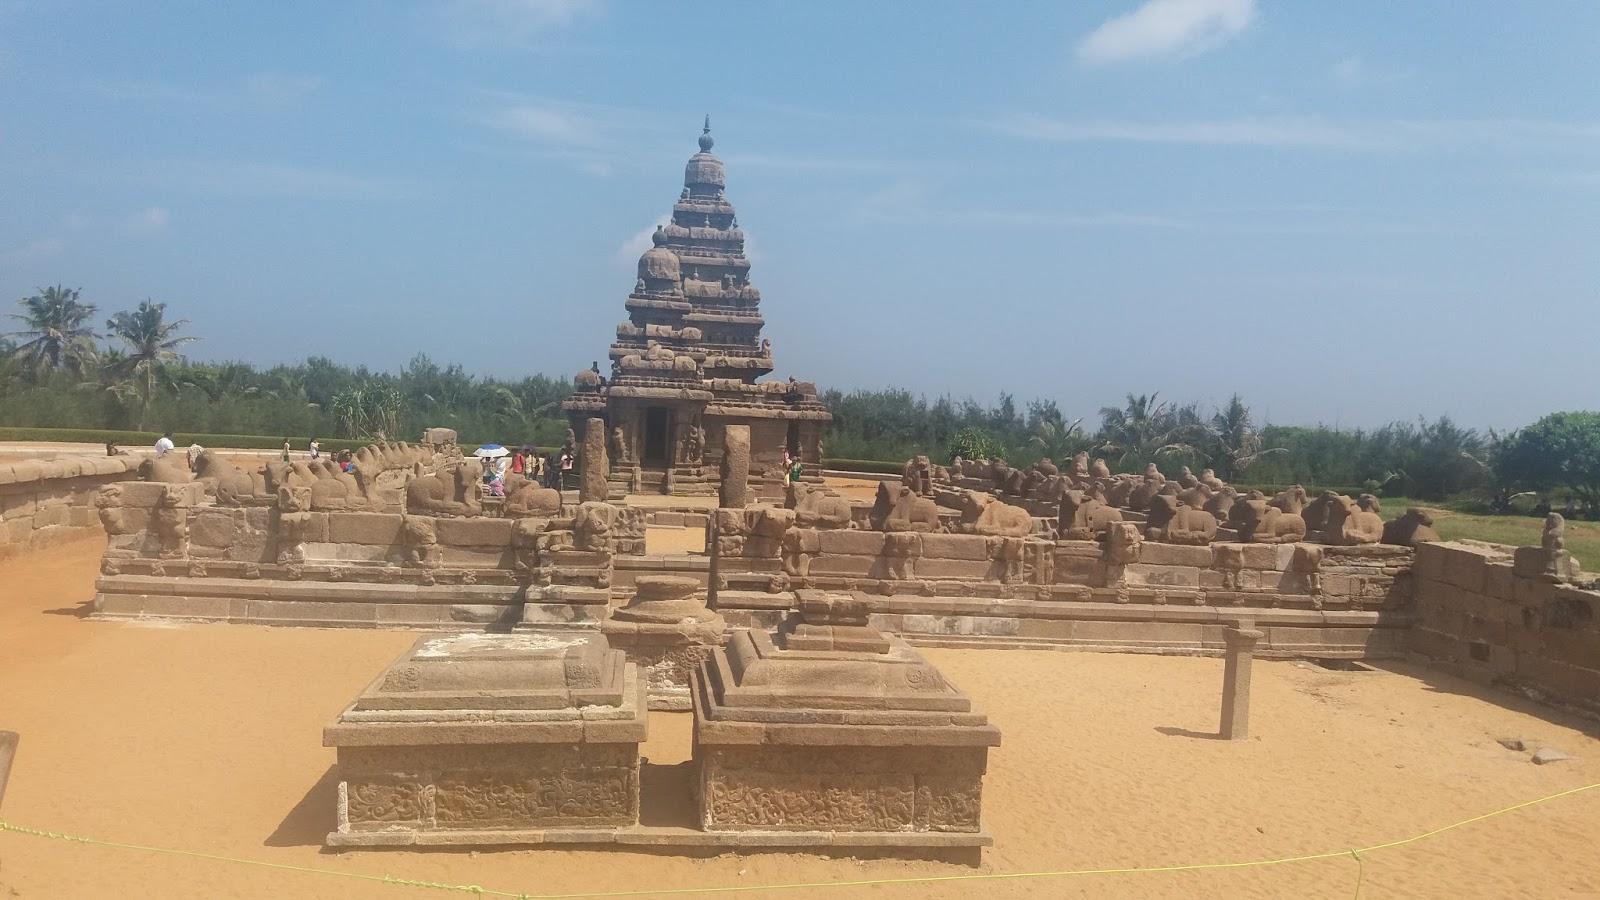 Mahabalipuram Beach - Mahabalipuram Shore Temple and Pancha Rathas